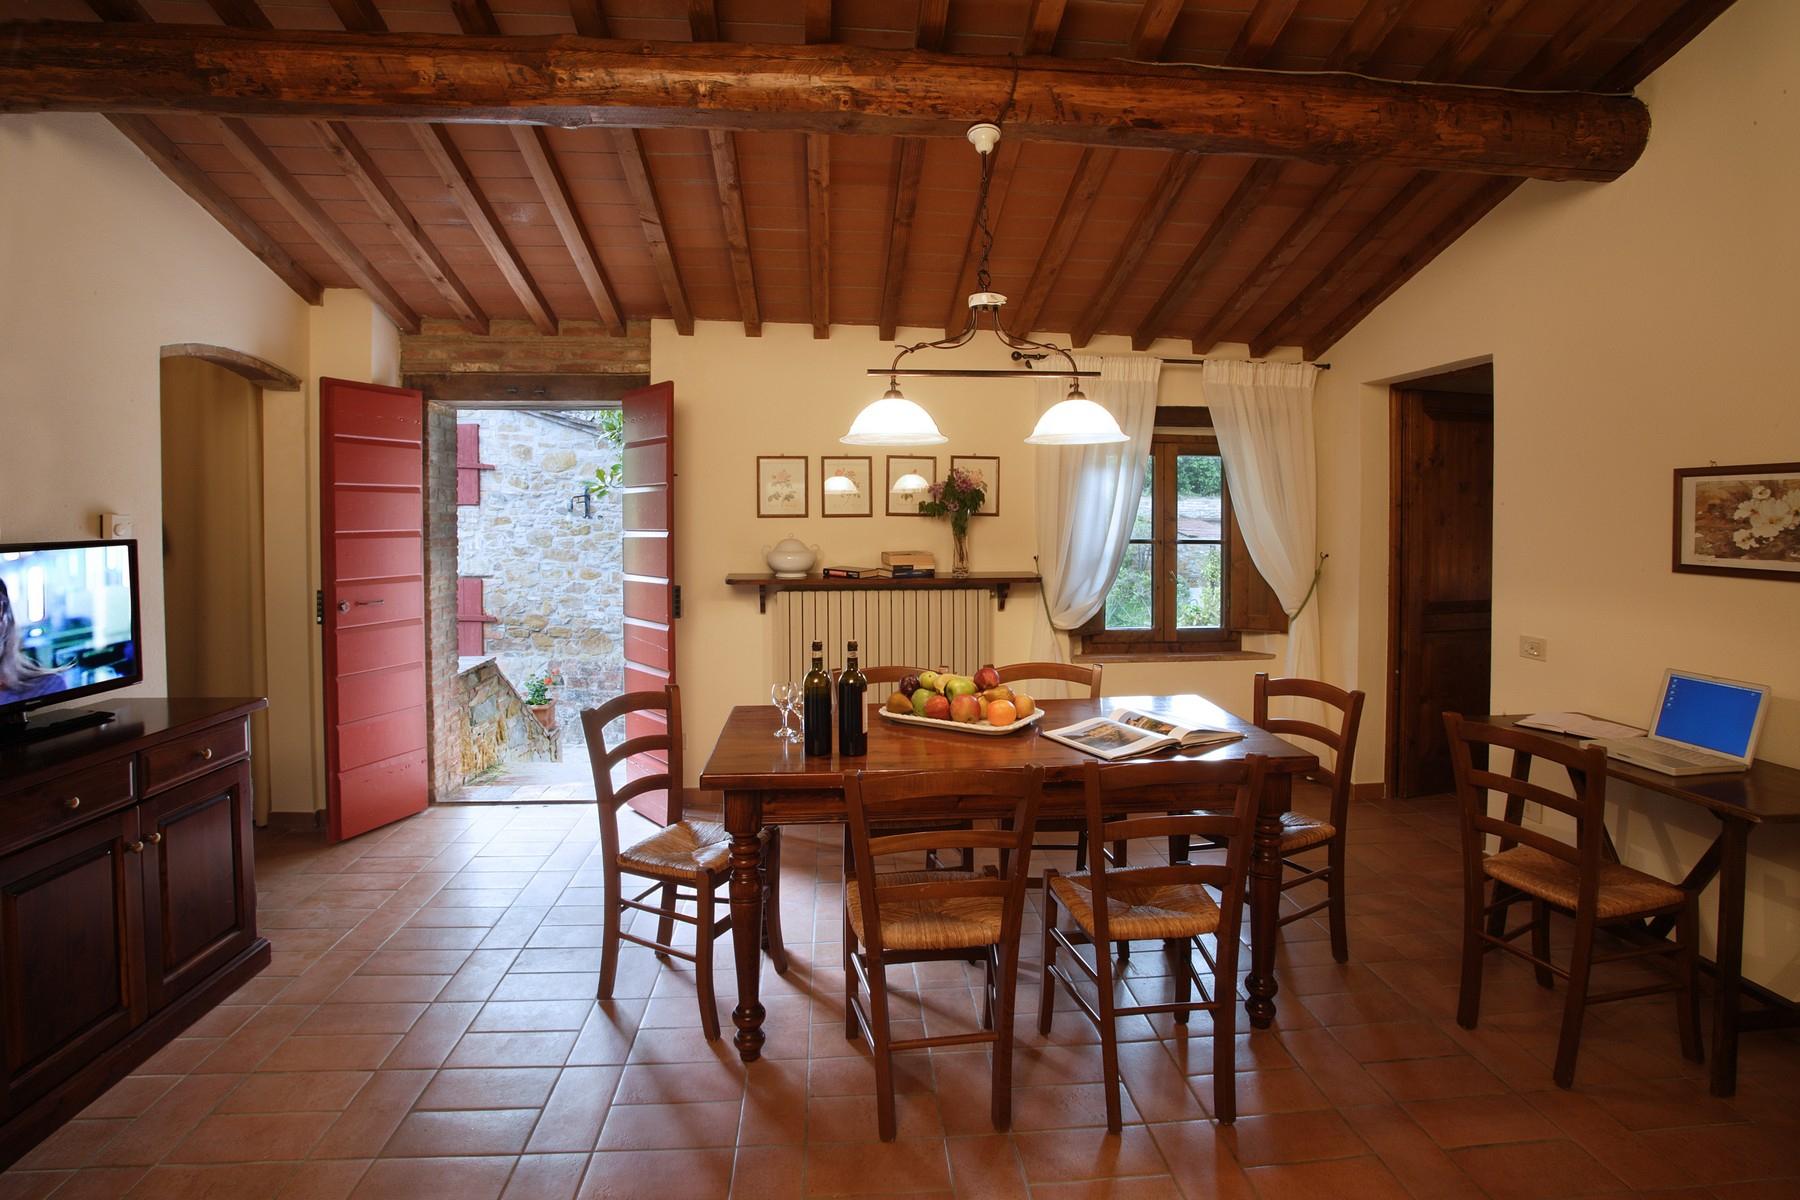 Rustico in Vendita a Montaione: 5 locali, 1200 mq - Foto 13